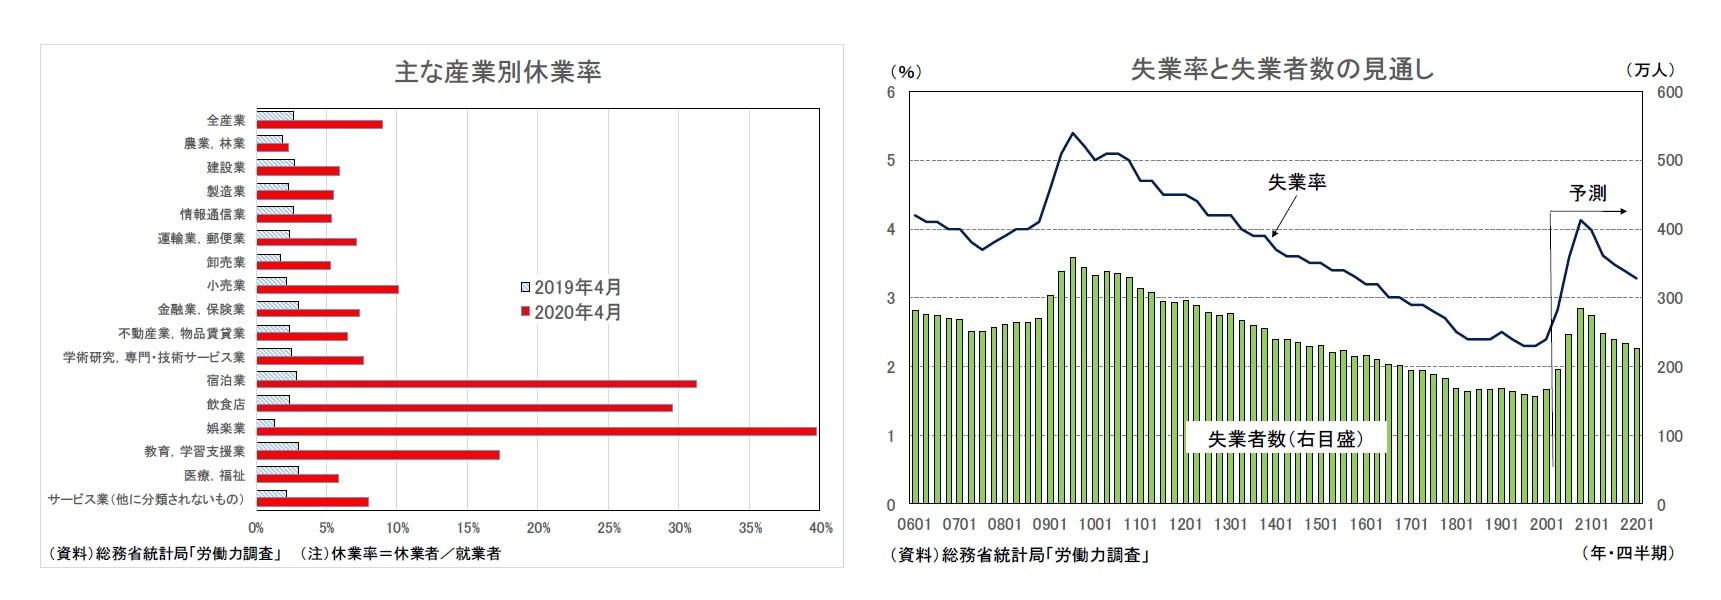 主な産業別休業率/失業率と失業者数の見通し